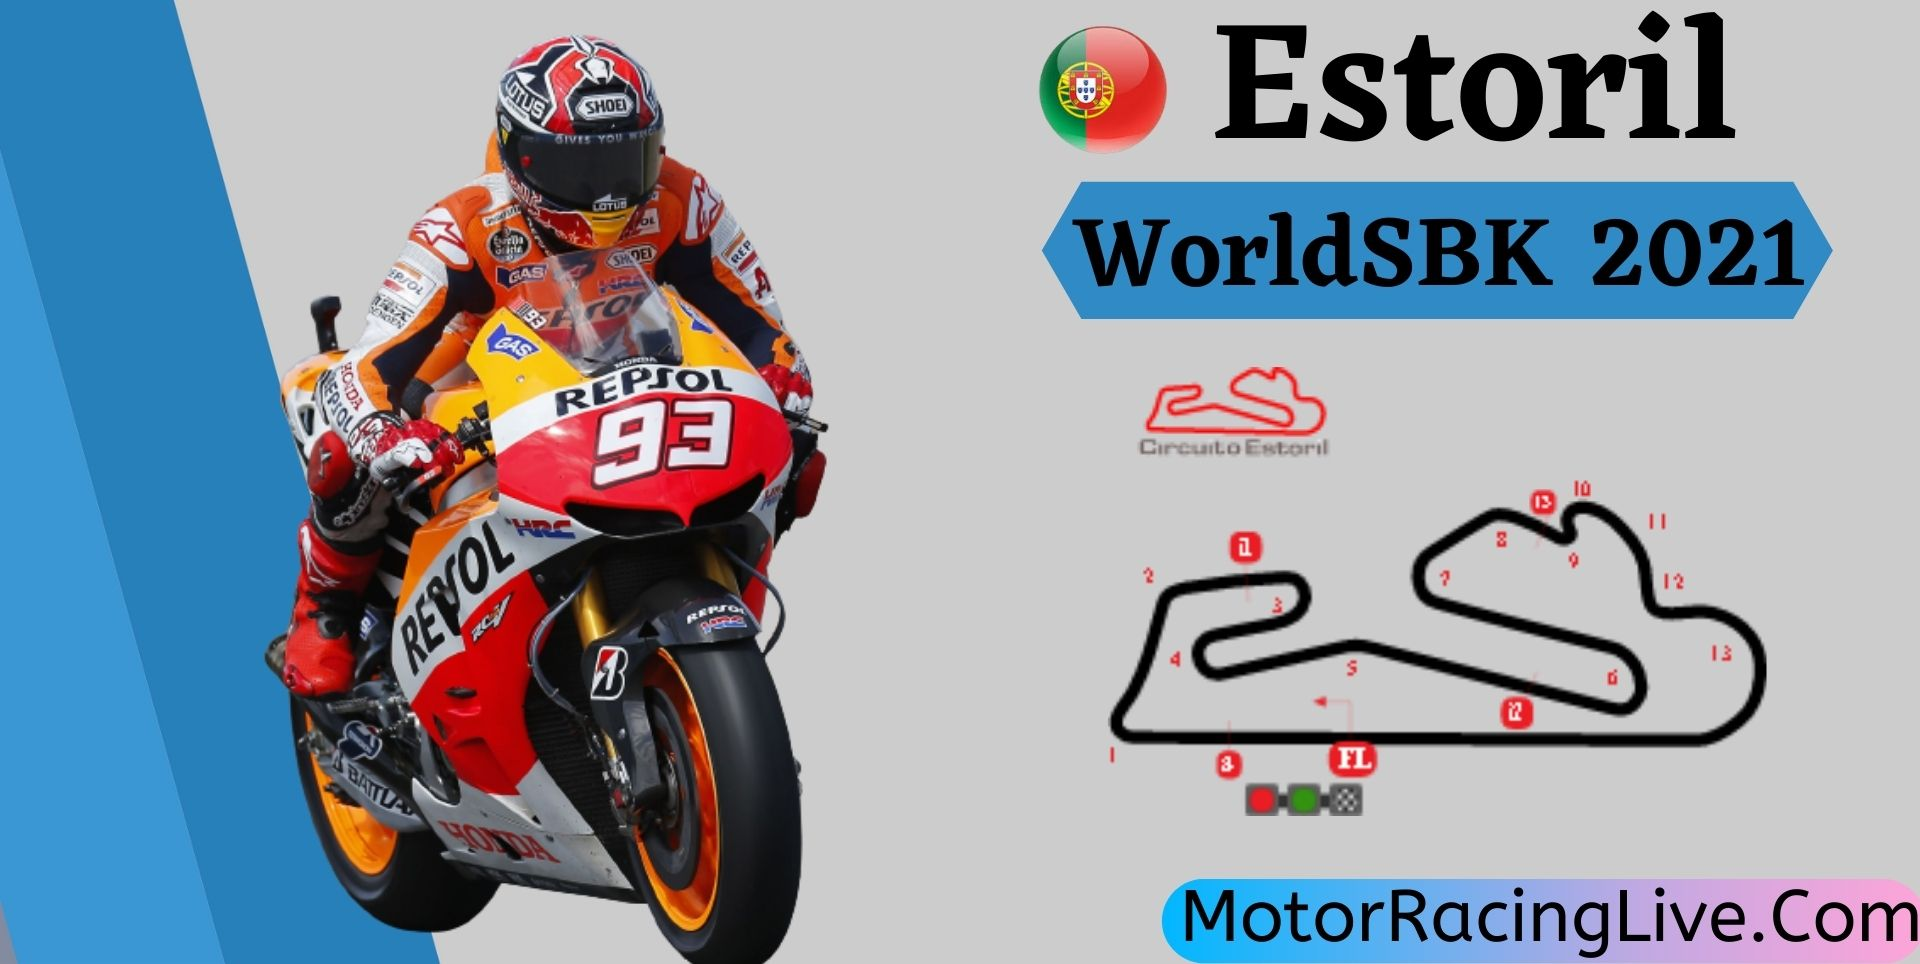 Estoril WorldSBK Live Stream 2021 | Round 2